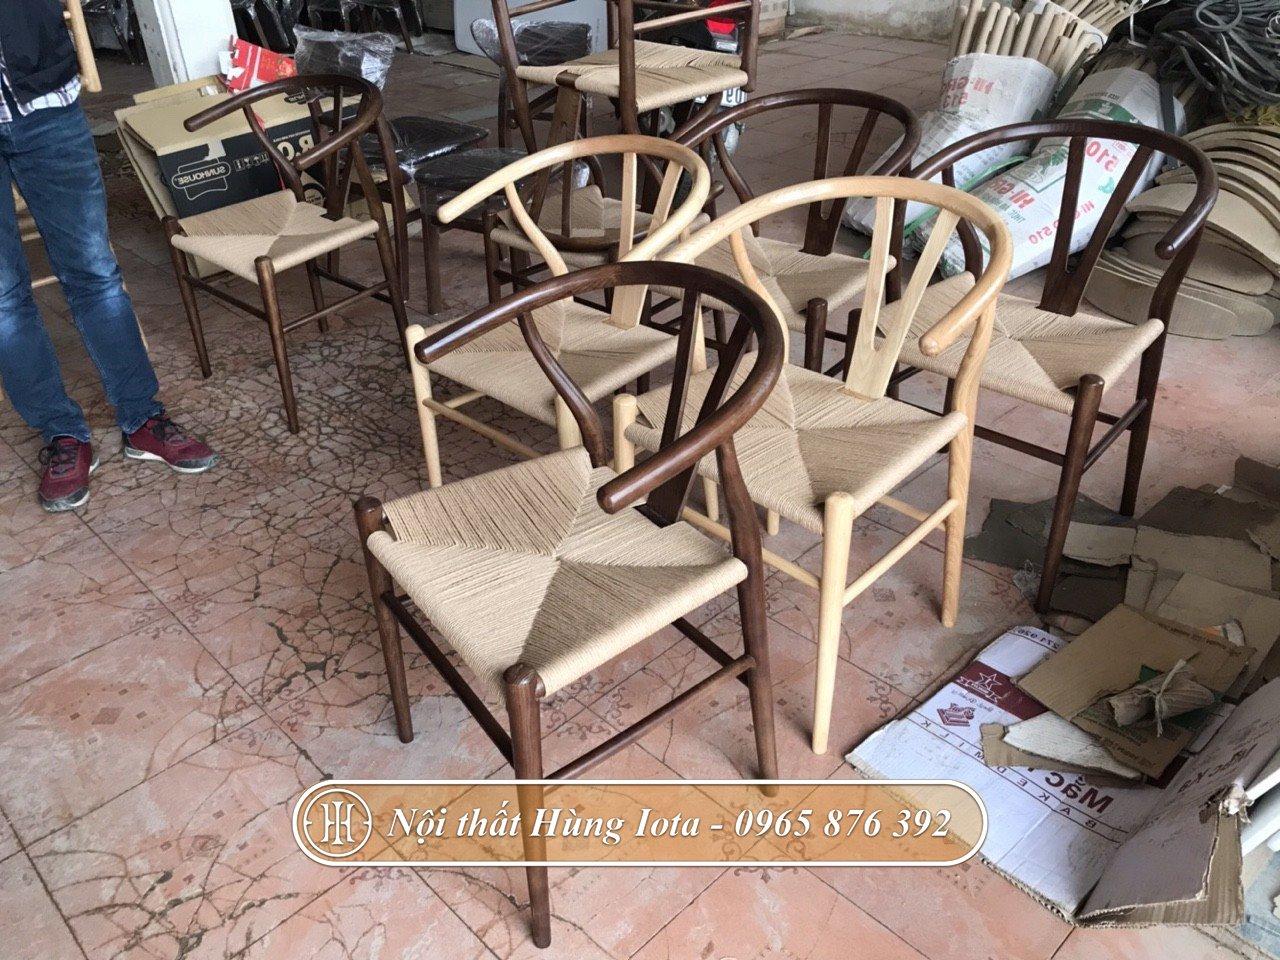 Ghế gỗ decor chất lượng tiêu chuẩn